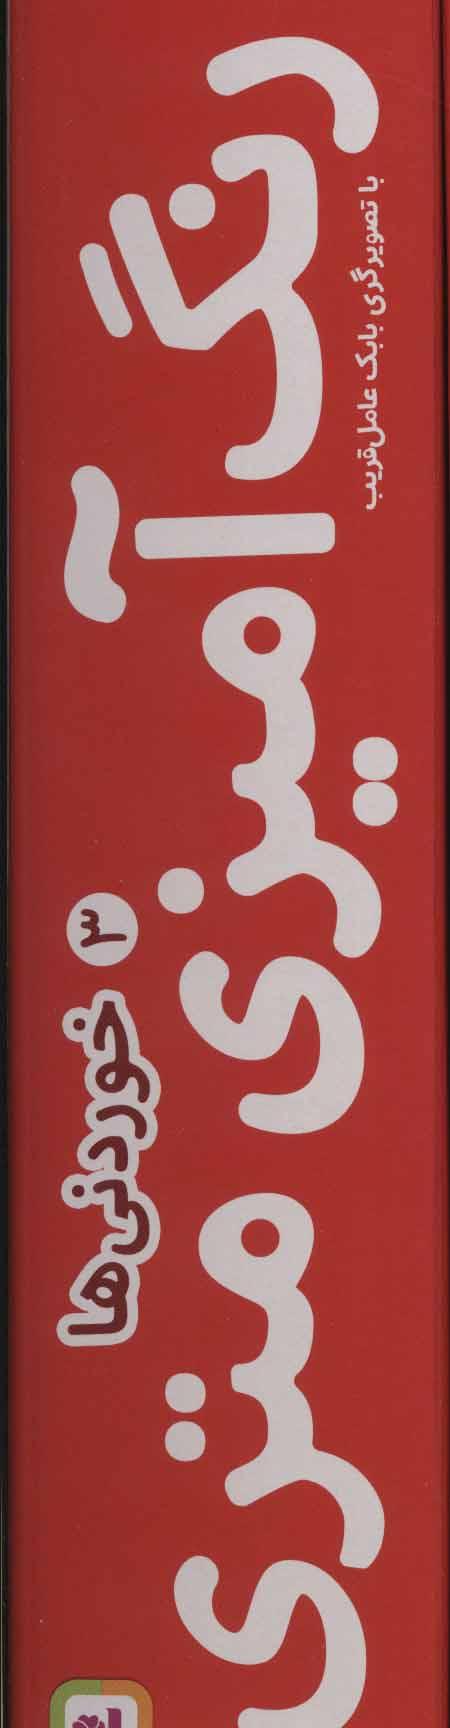 رنگ آمیزی متری 3 (لوازم خوردنی ها)،همراه با مداد رنگی (باجعبه)